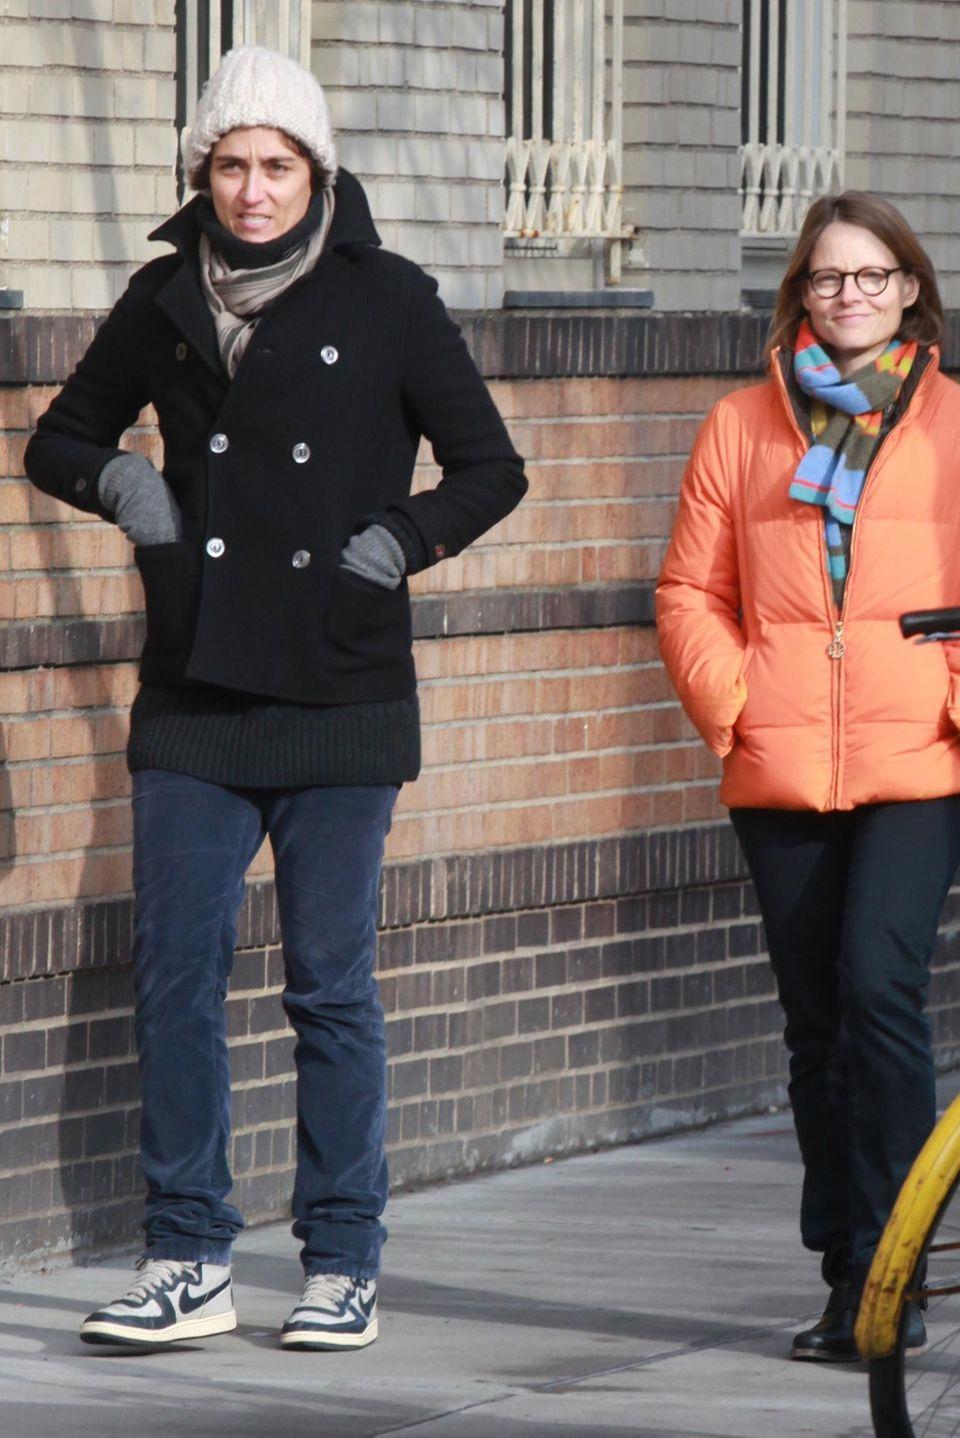 Gemeinsam mit ihrer neuen Freundin Alexandra Hedison war Jodie Foster in New York unterwegs.